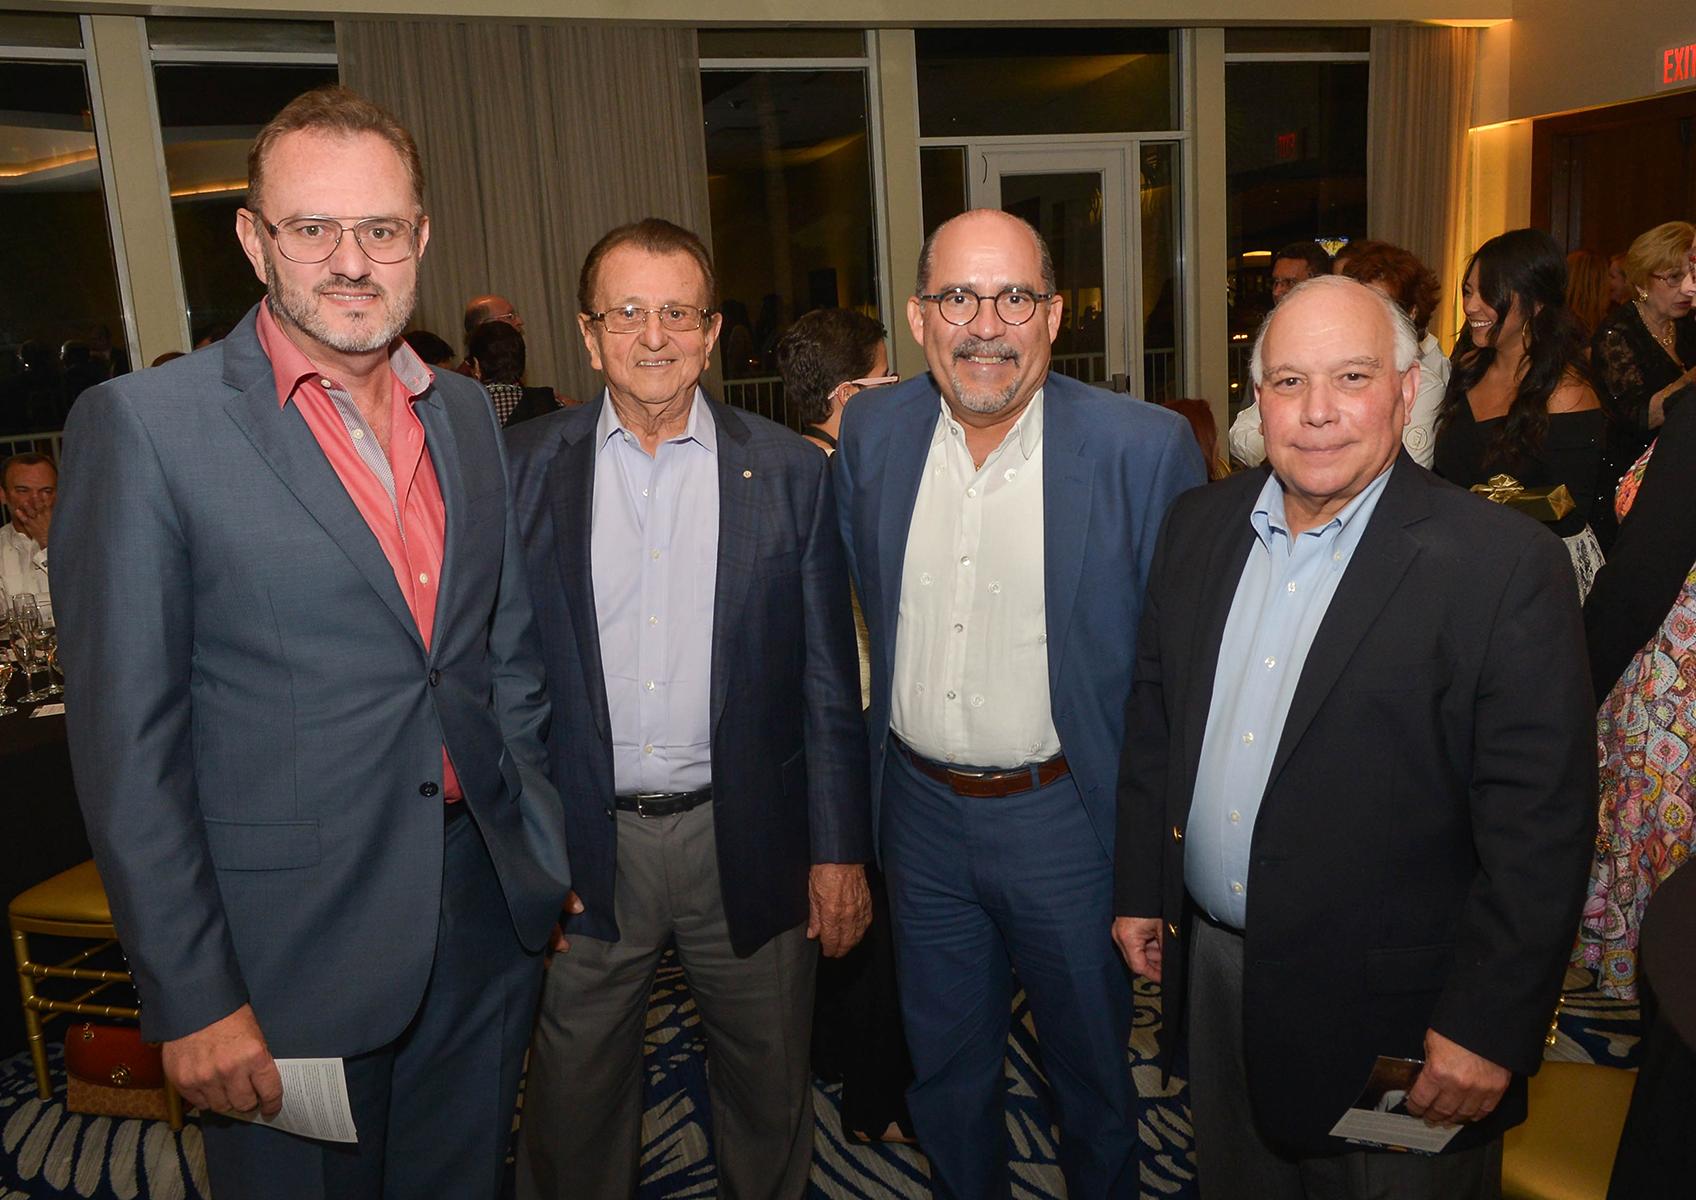 José Molina, José Molina padre, Gilberto Torres y Eduardo Flores. (Enid M. Salgado Mercado)